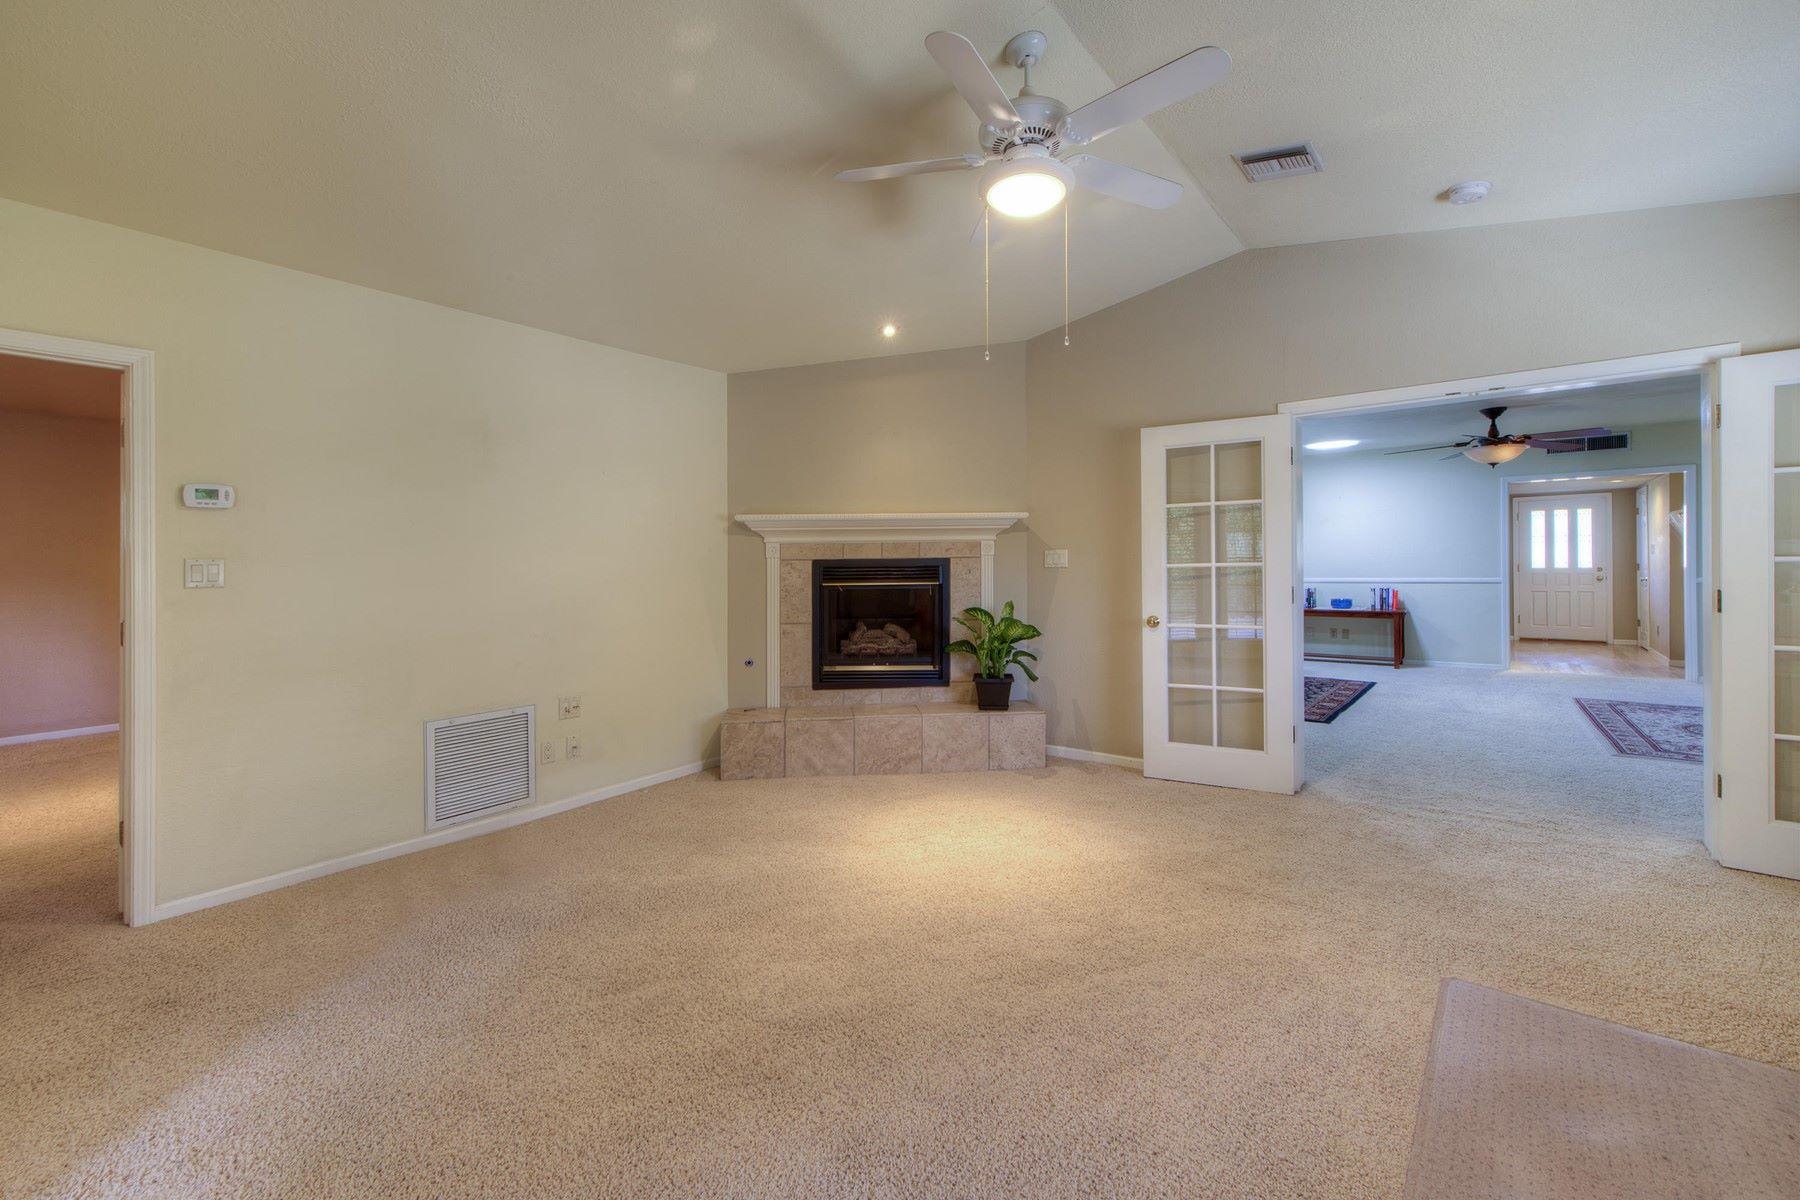 Einfamilienhaus für Verkauf beim Beautifully remodeled home in Phoenix 1233 E Marshall Ave Phoenix, Arizona, 85014 Vereinigte Staaten